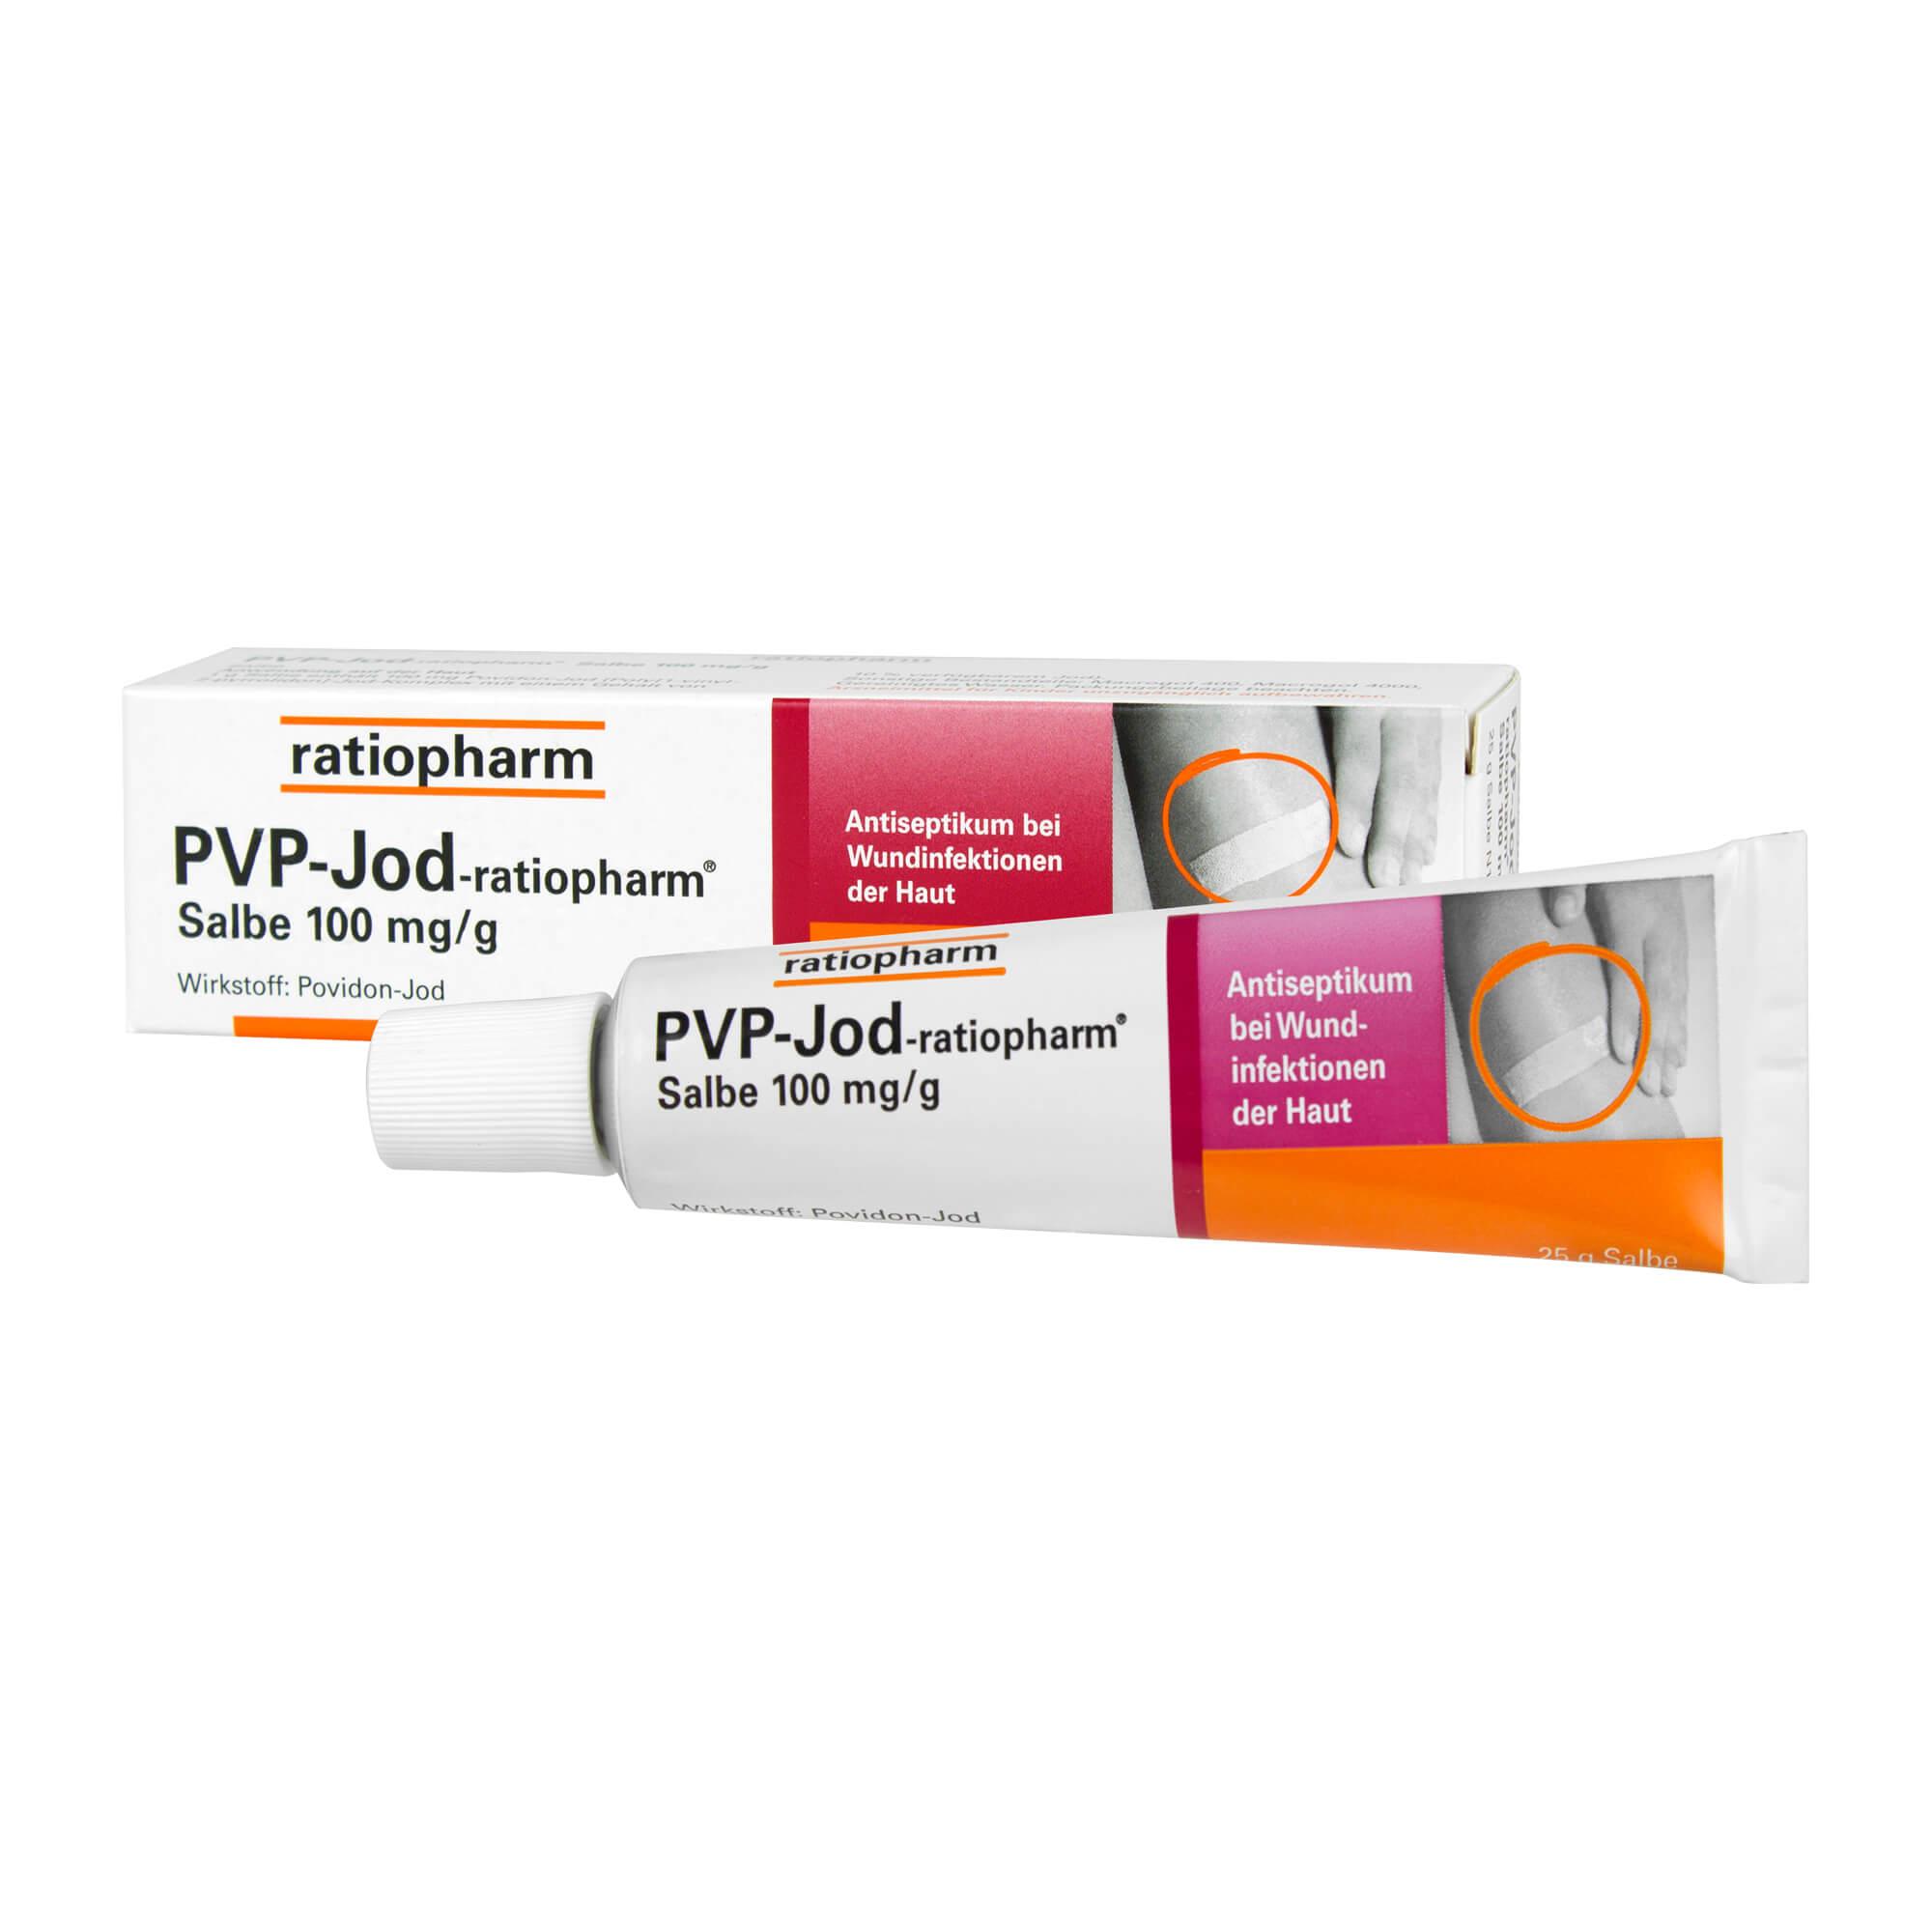 PVP-Jod-ratiopharm Salbe Antiseptikum